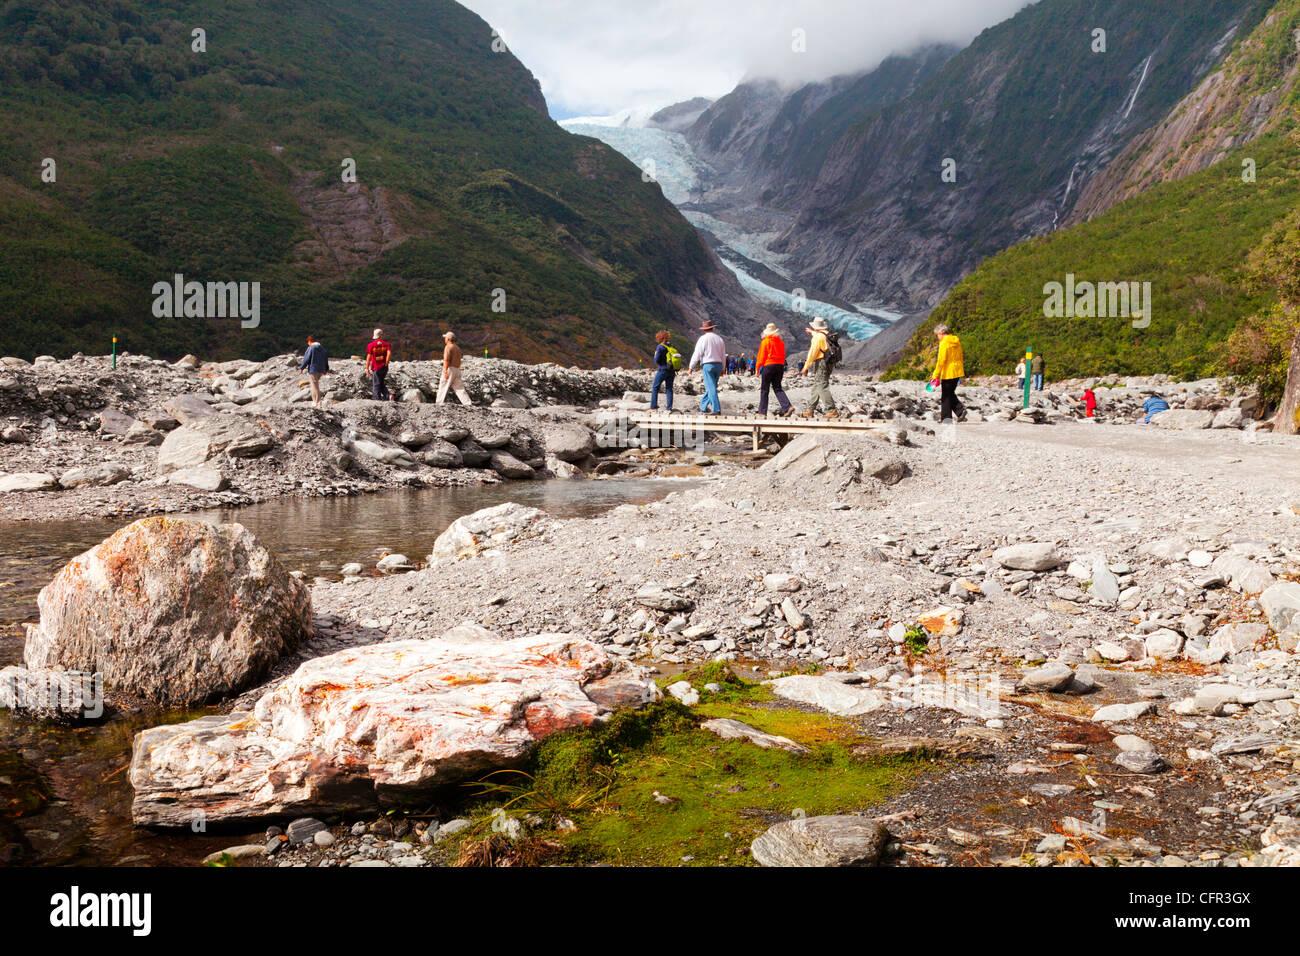 Turisti attraversando un ponte vicino ghiacciaio Franz Josef, nella costa occidentale della Nuova Zelanda. Immagini Stock